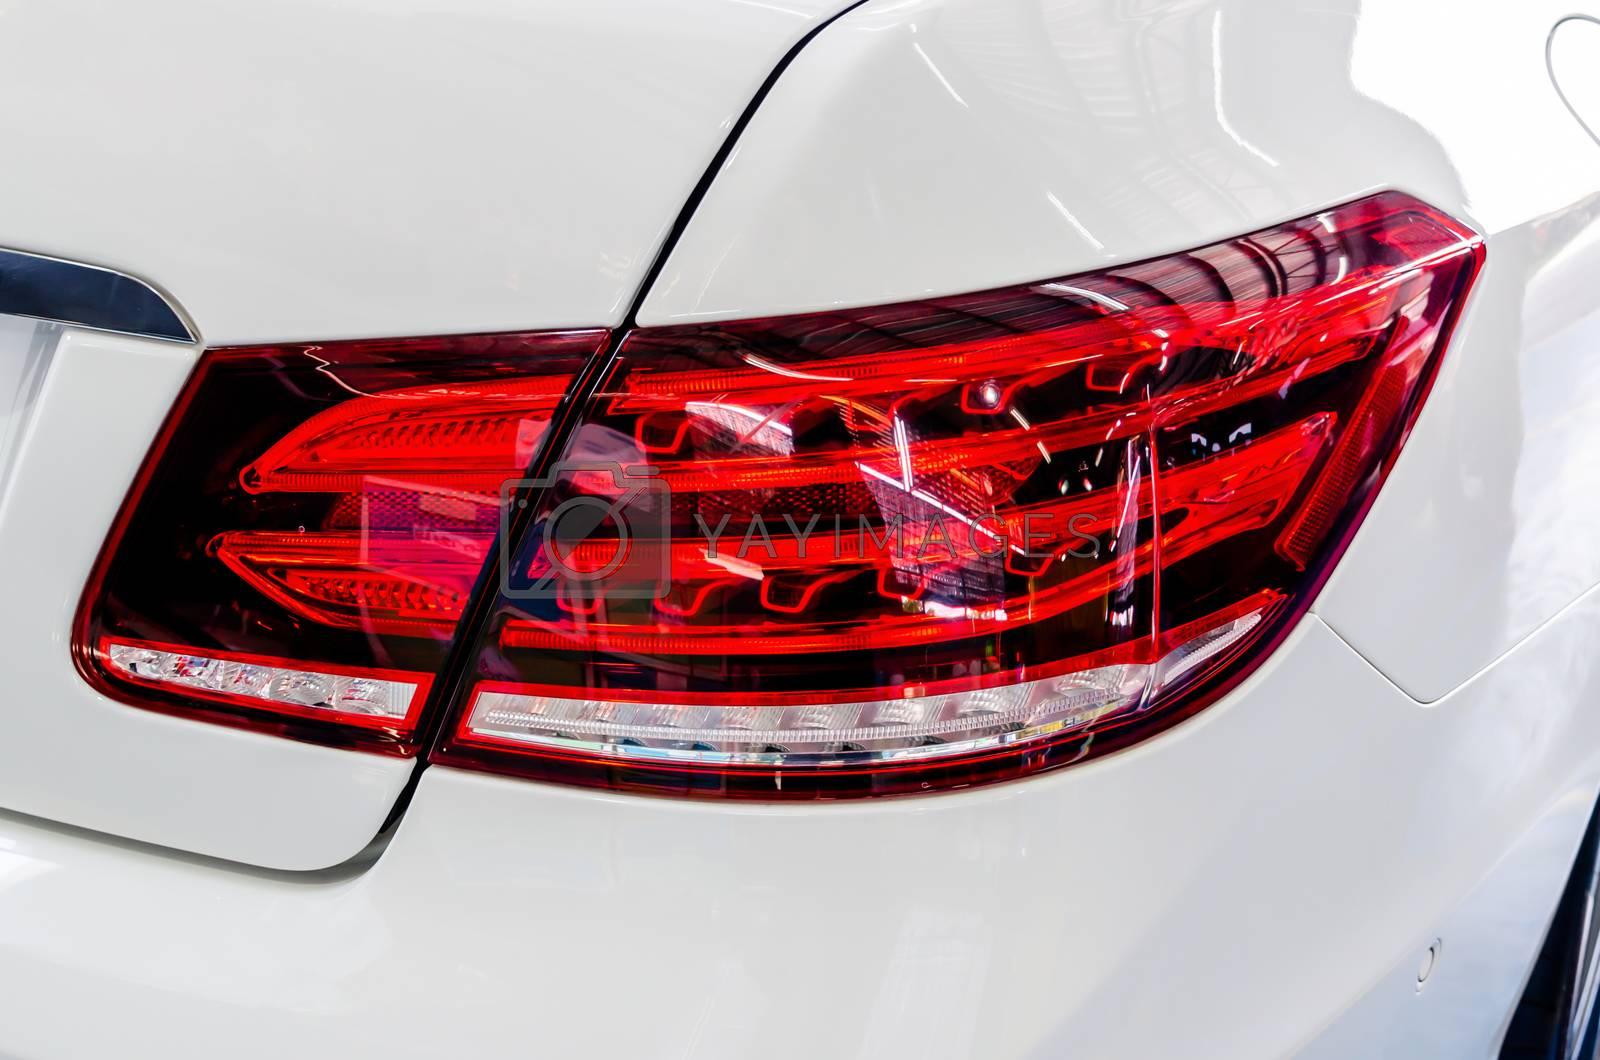 Car details - White luxury car tail lights.Modern LED light, white car rear.